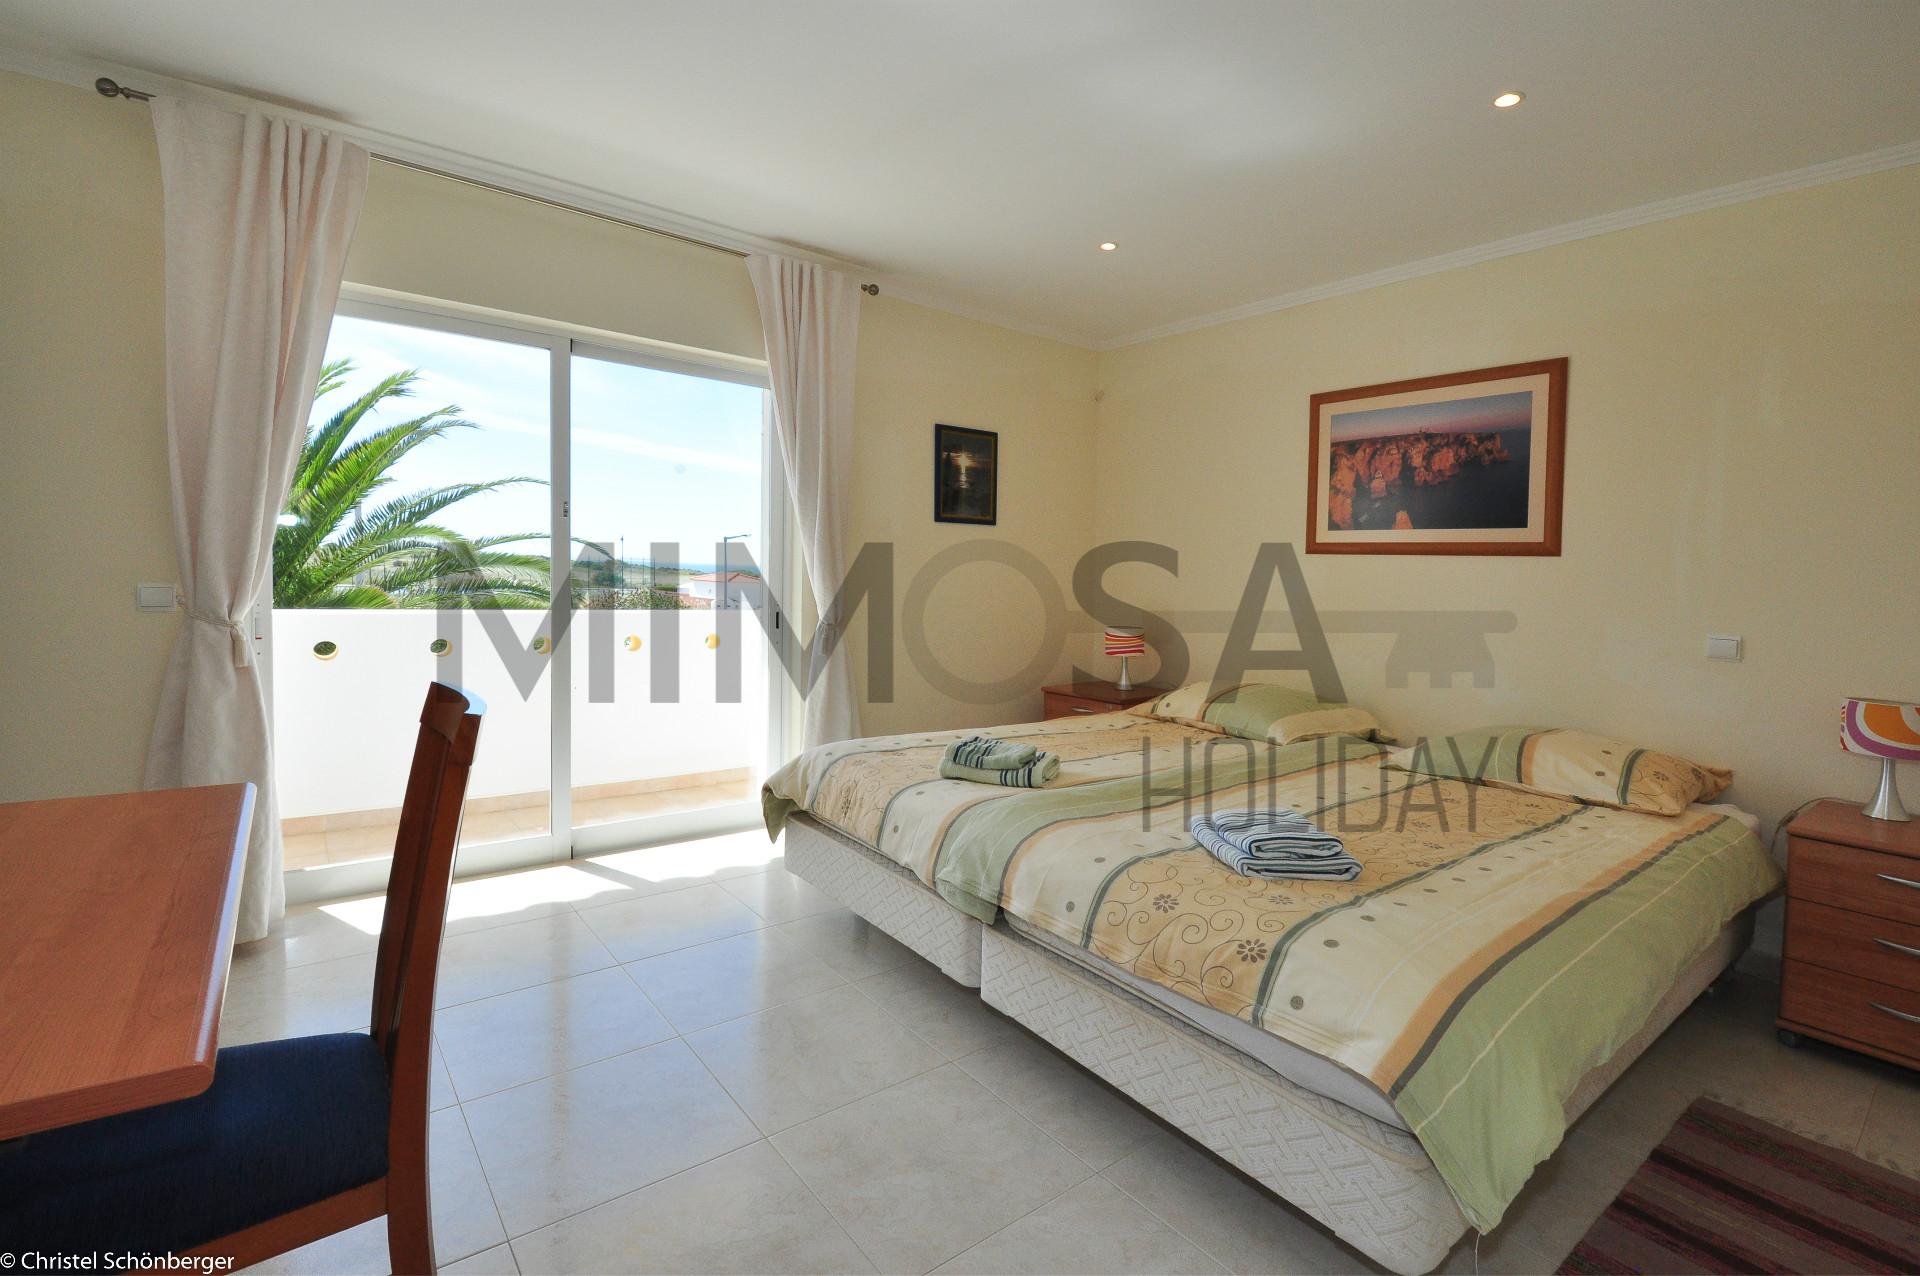 4 Schlafzimmer Villa, in der Nähe des D.Ana Strandes und Blick auf Ponta da Piedade